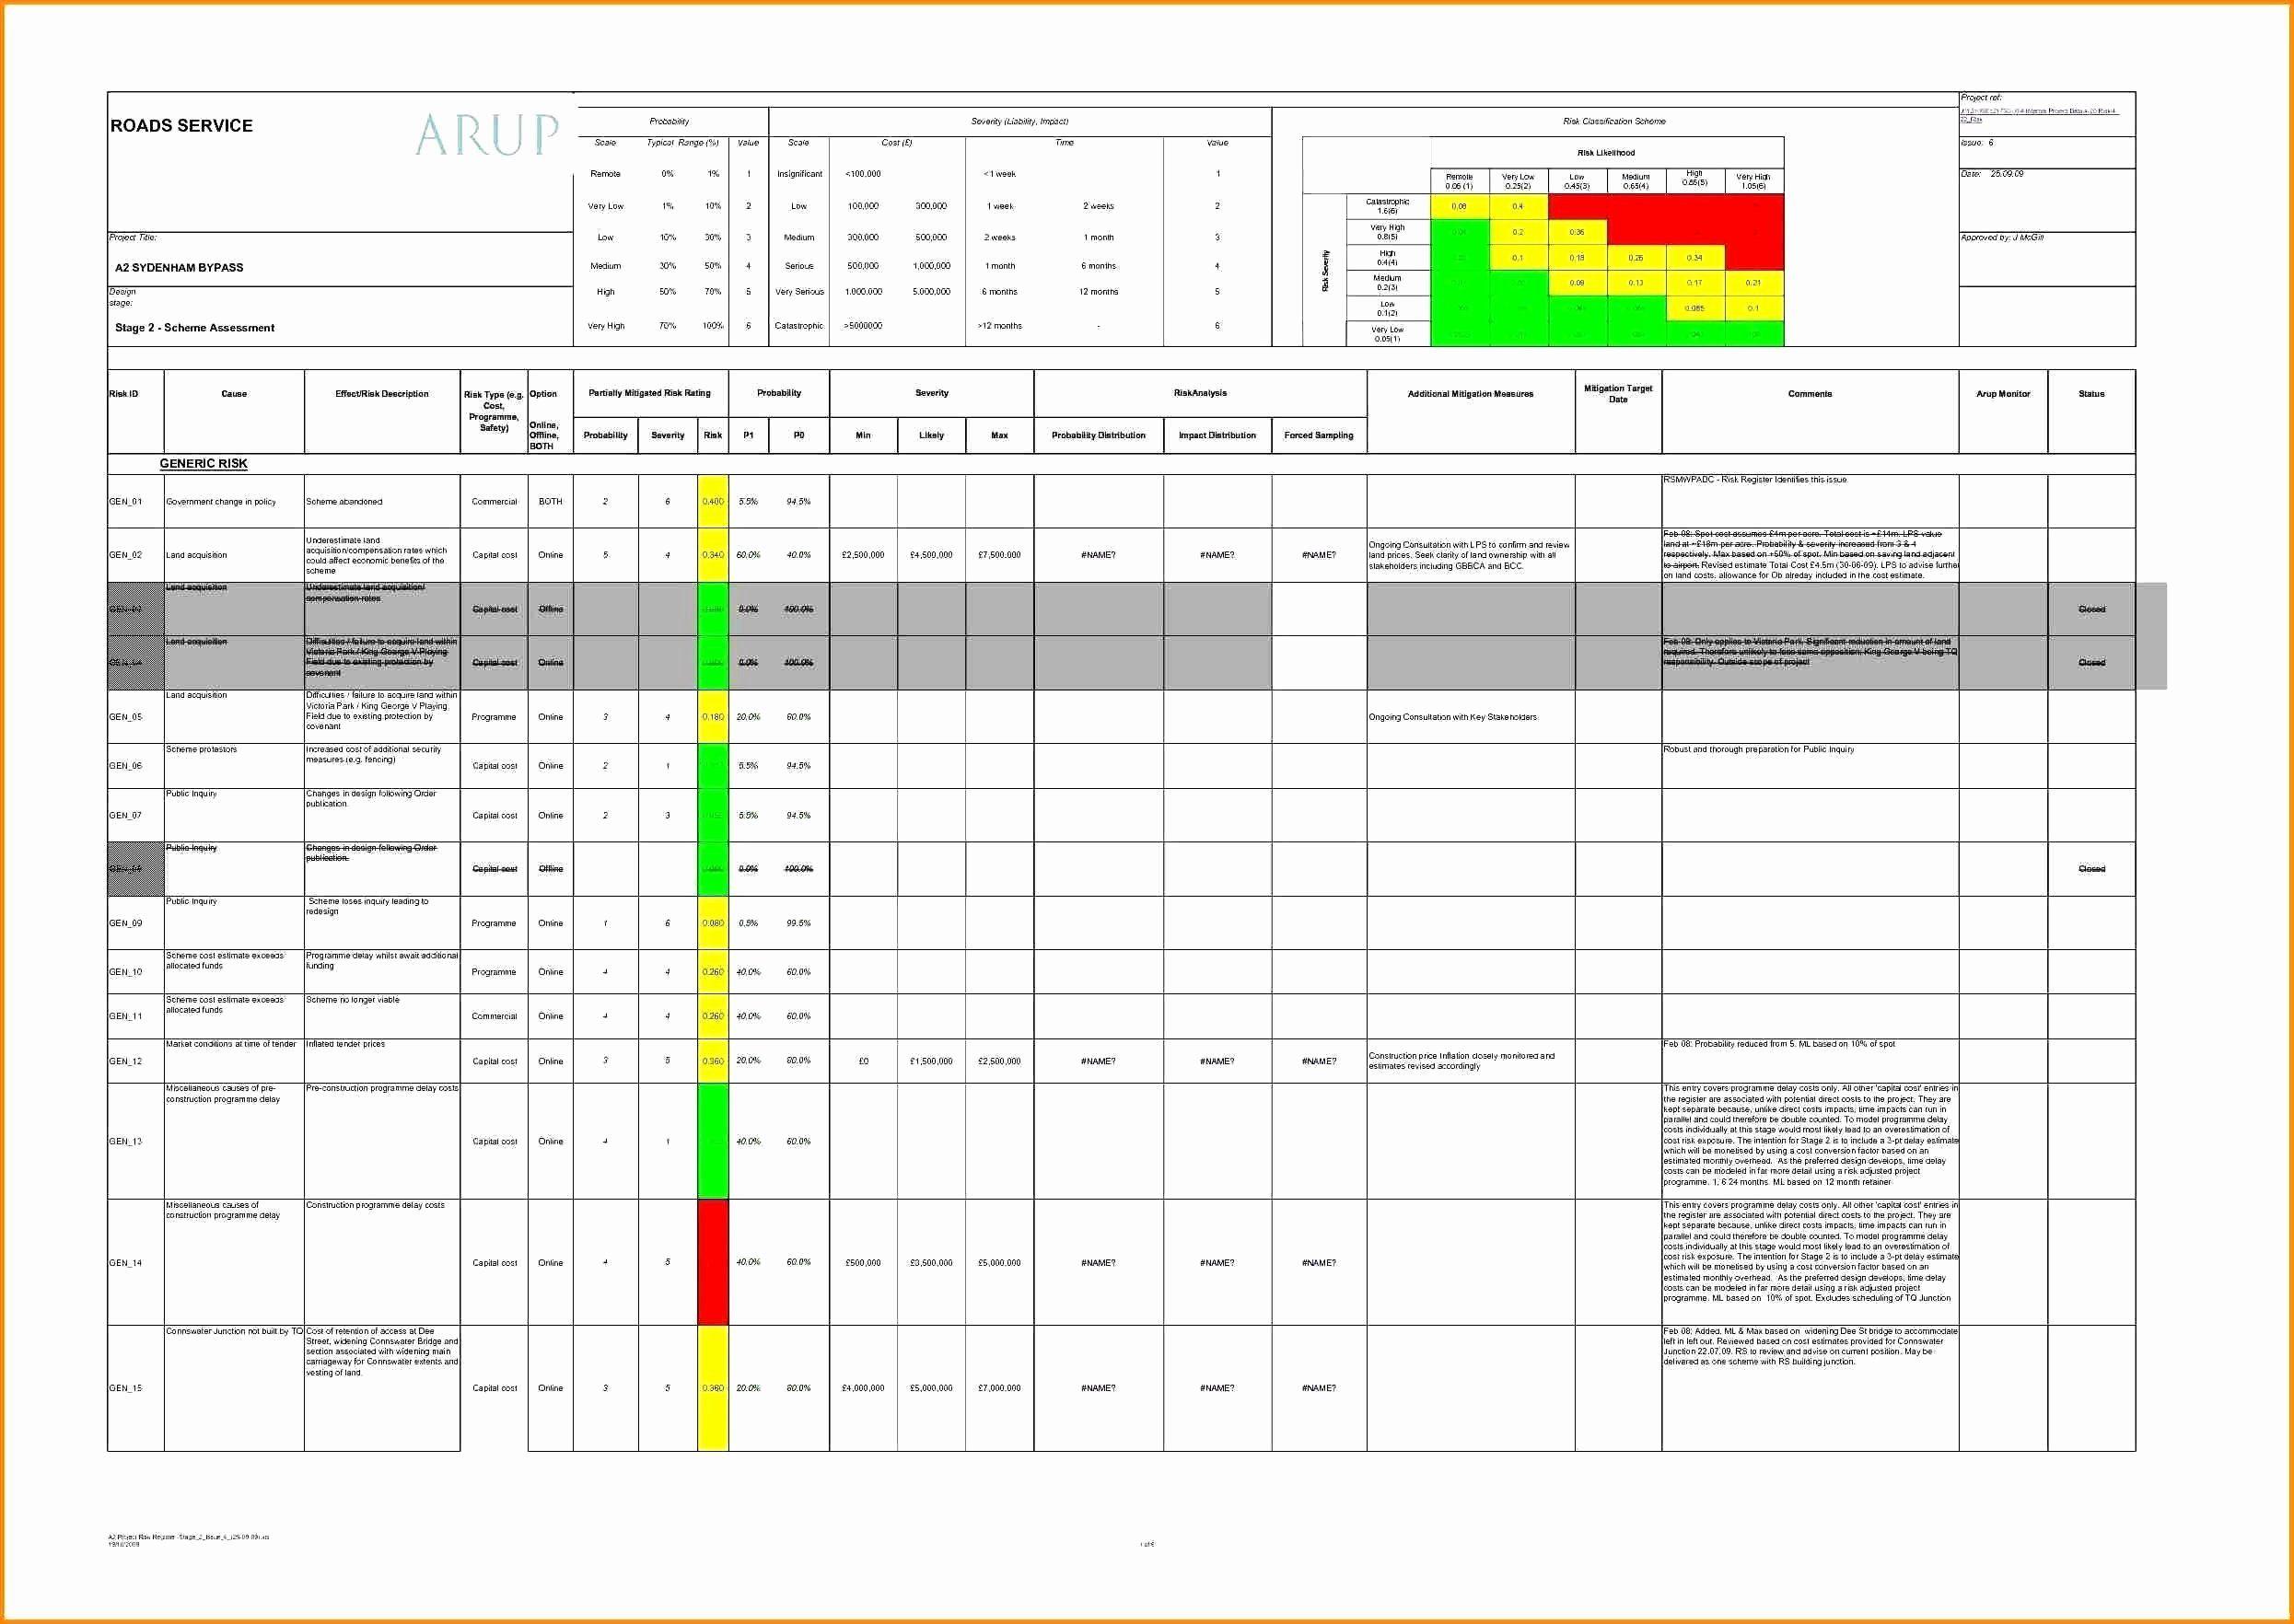 Project Schedule Gantt Chart Template Inspirational Roles